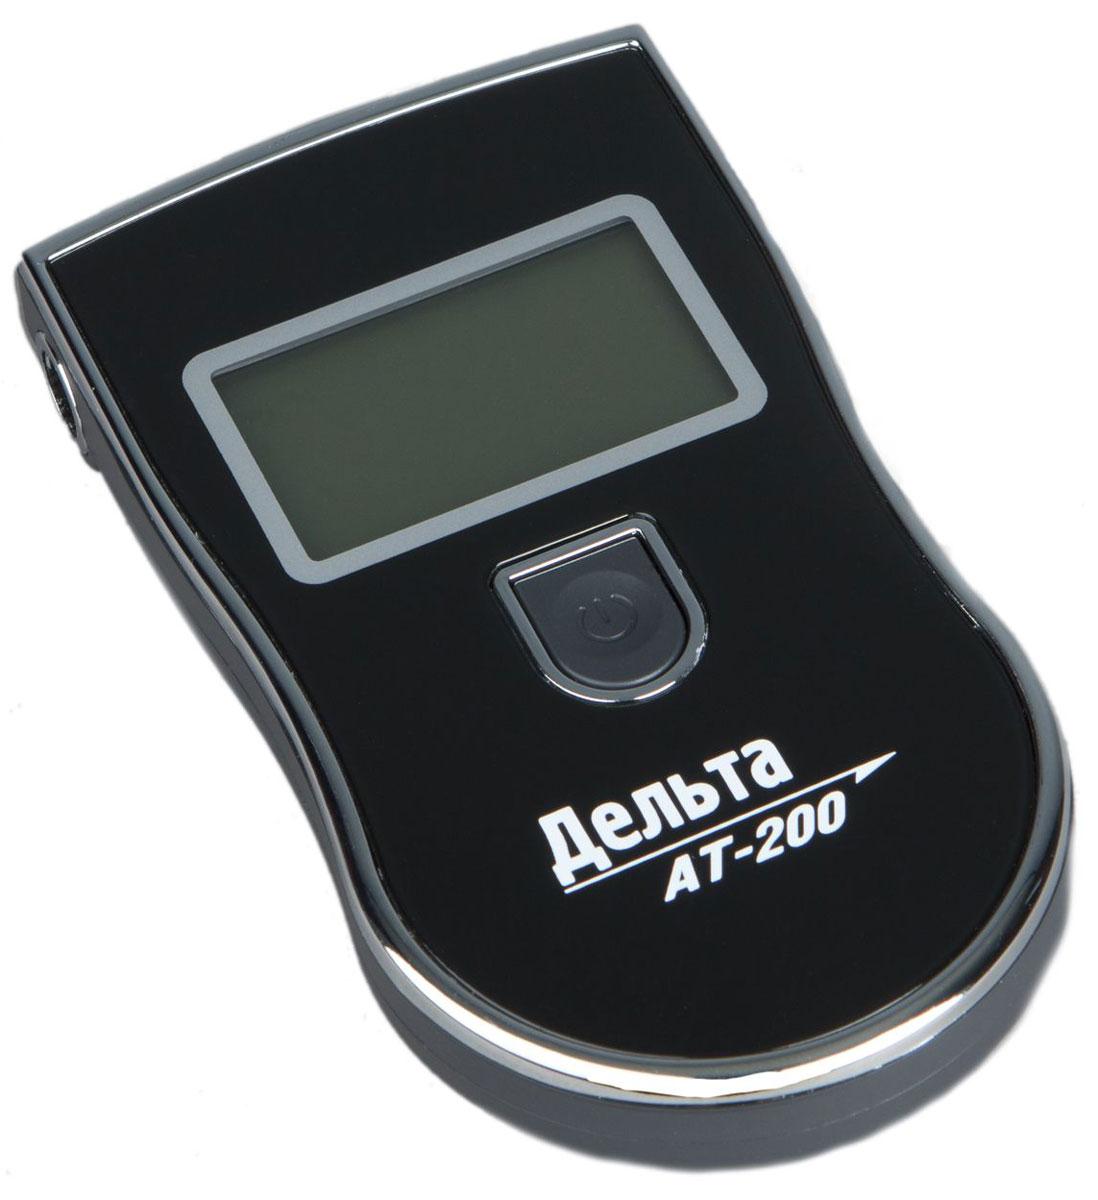 Дельта АТ 200, Black алкотестер